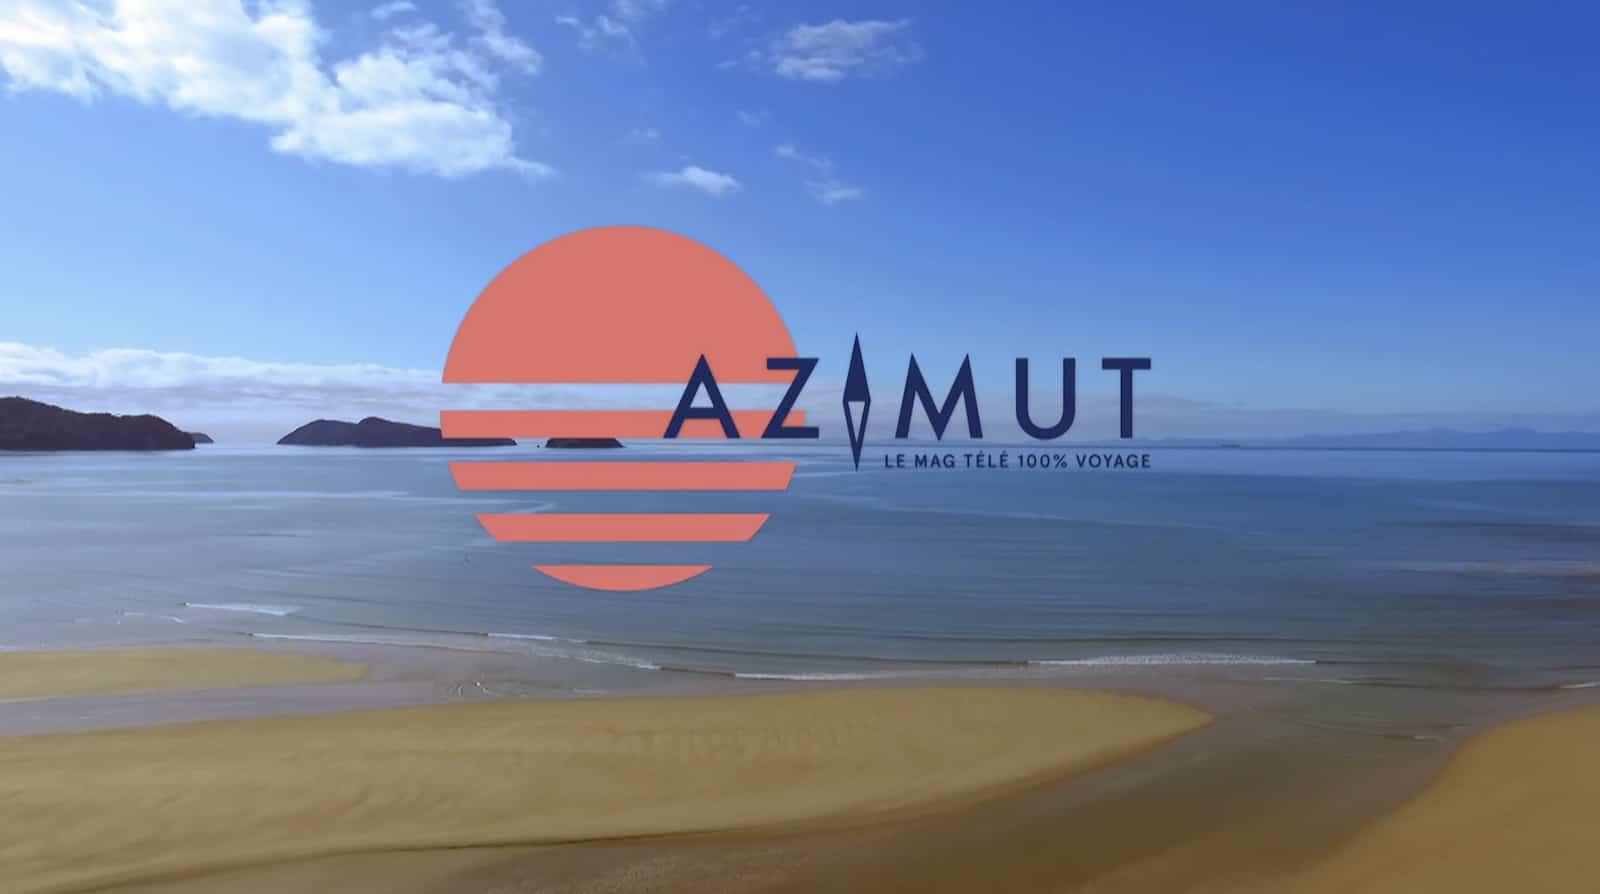 Azimut, Le mag télé 100% voyage